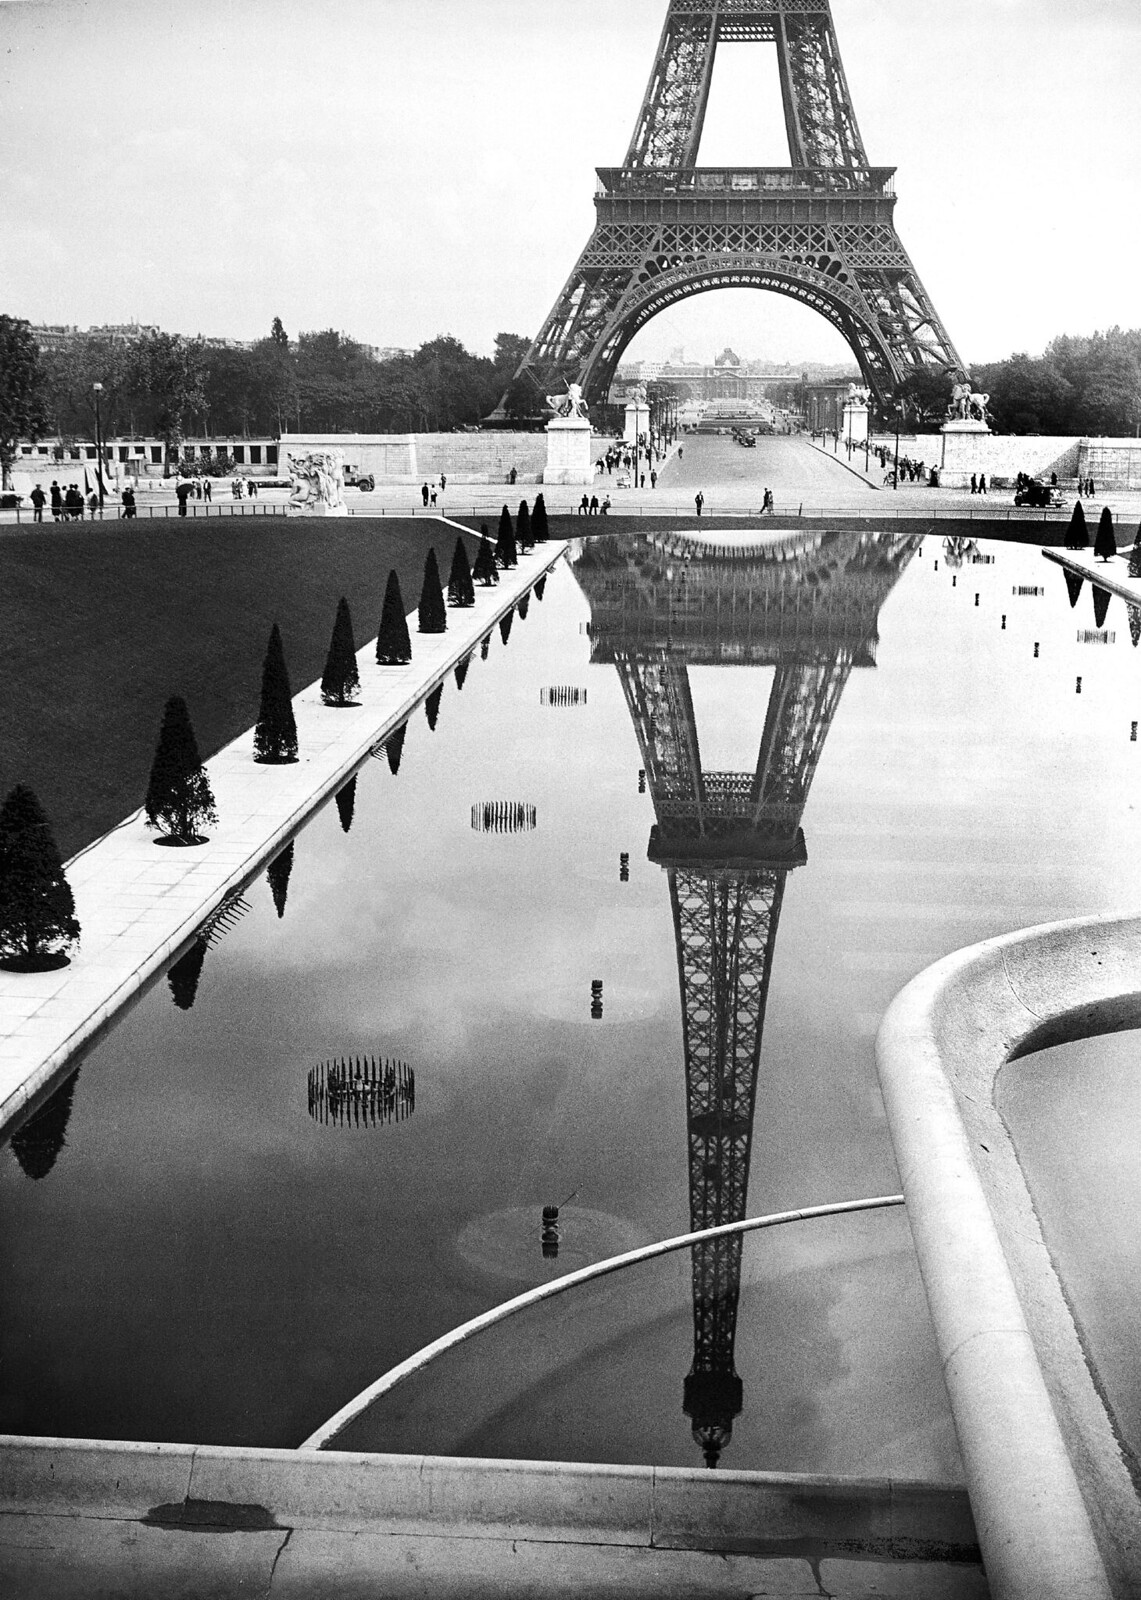 04. 1938. Эйфелева башня отражается в бассейне перед Трокадеро